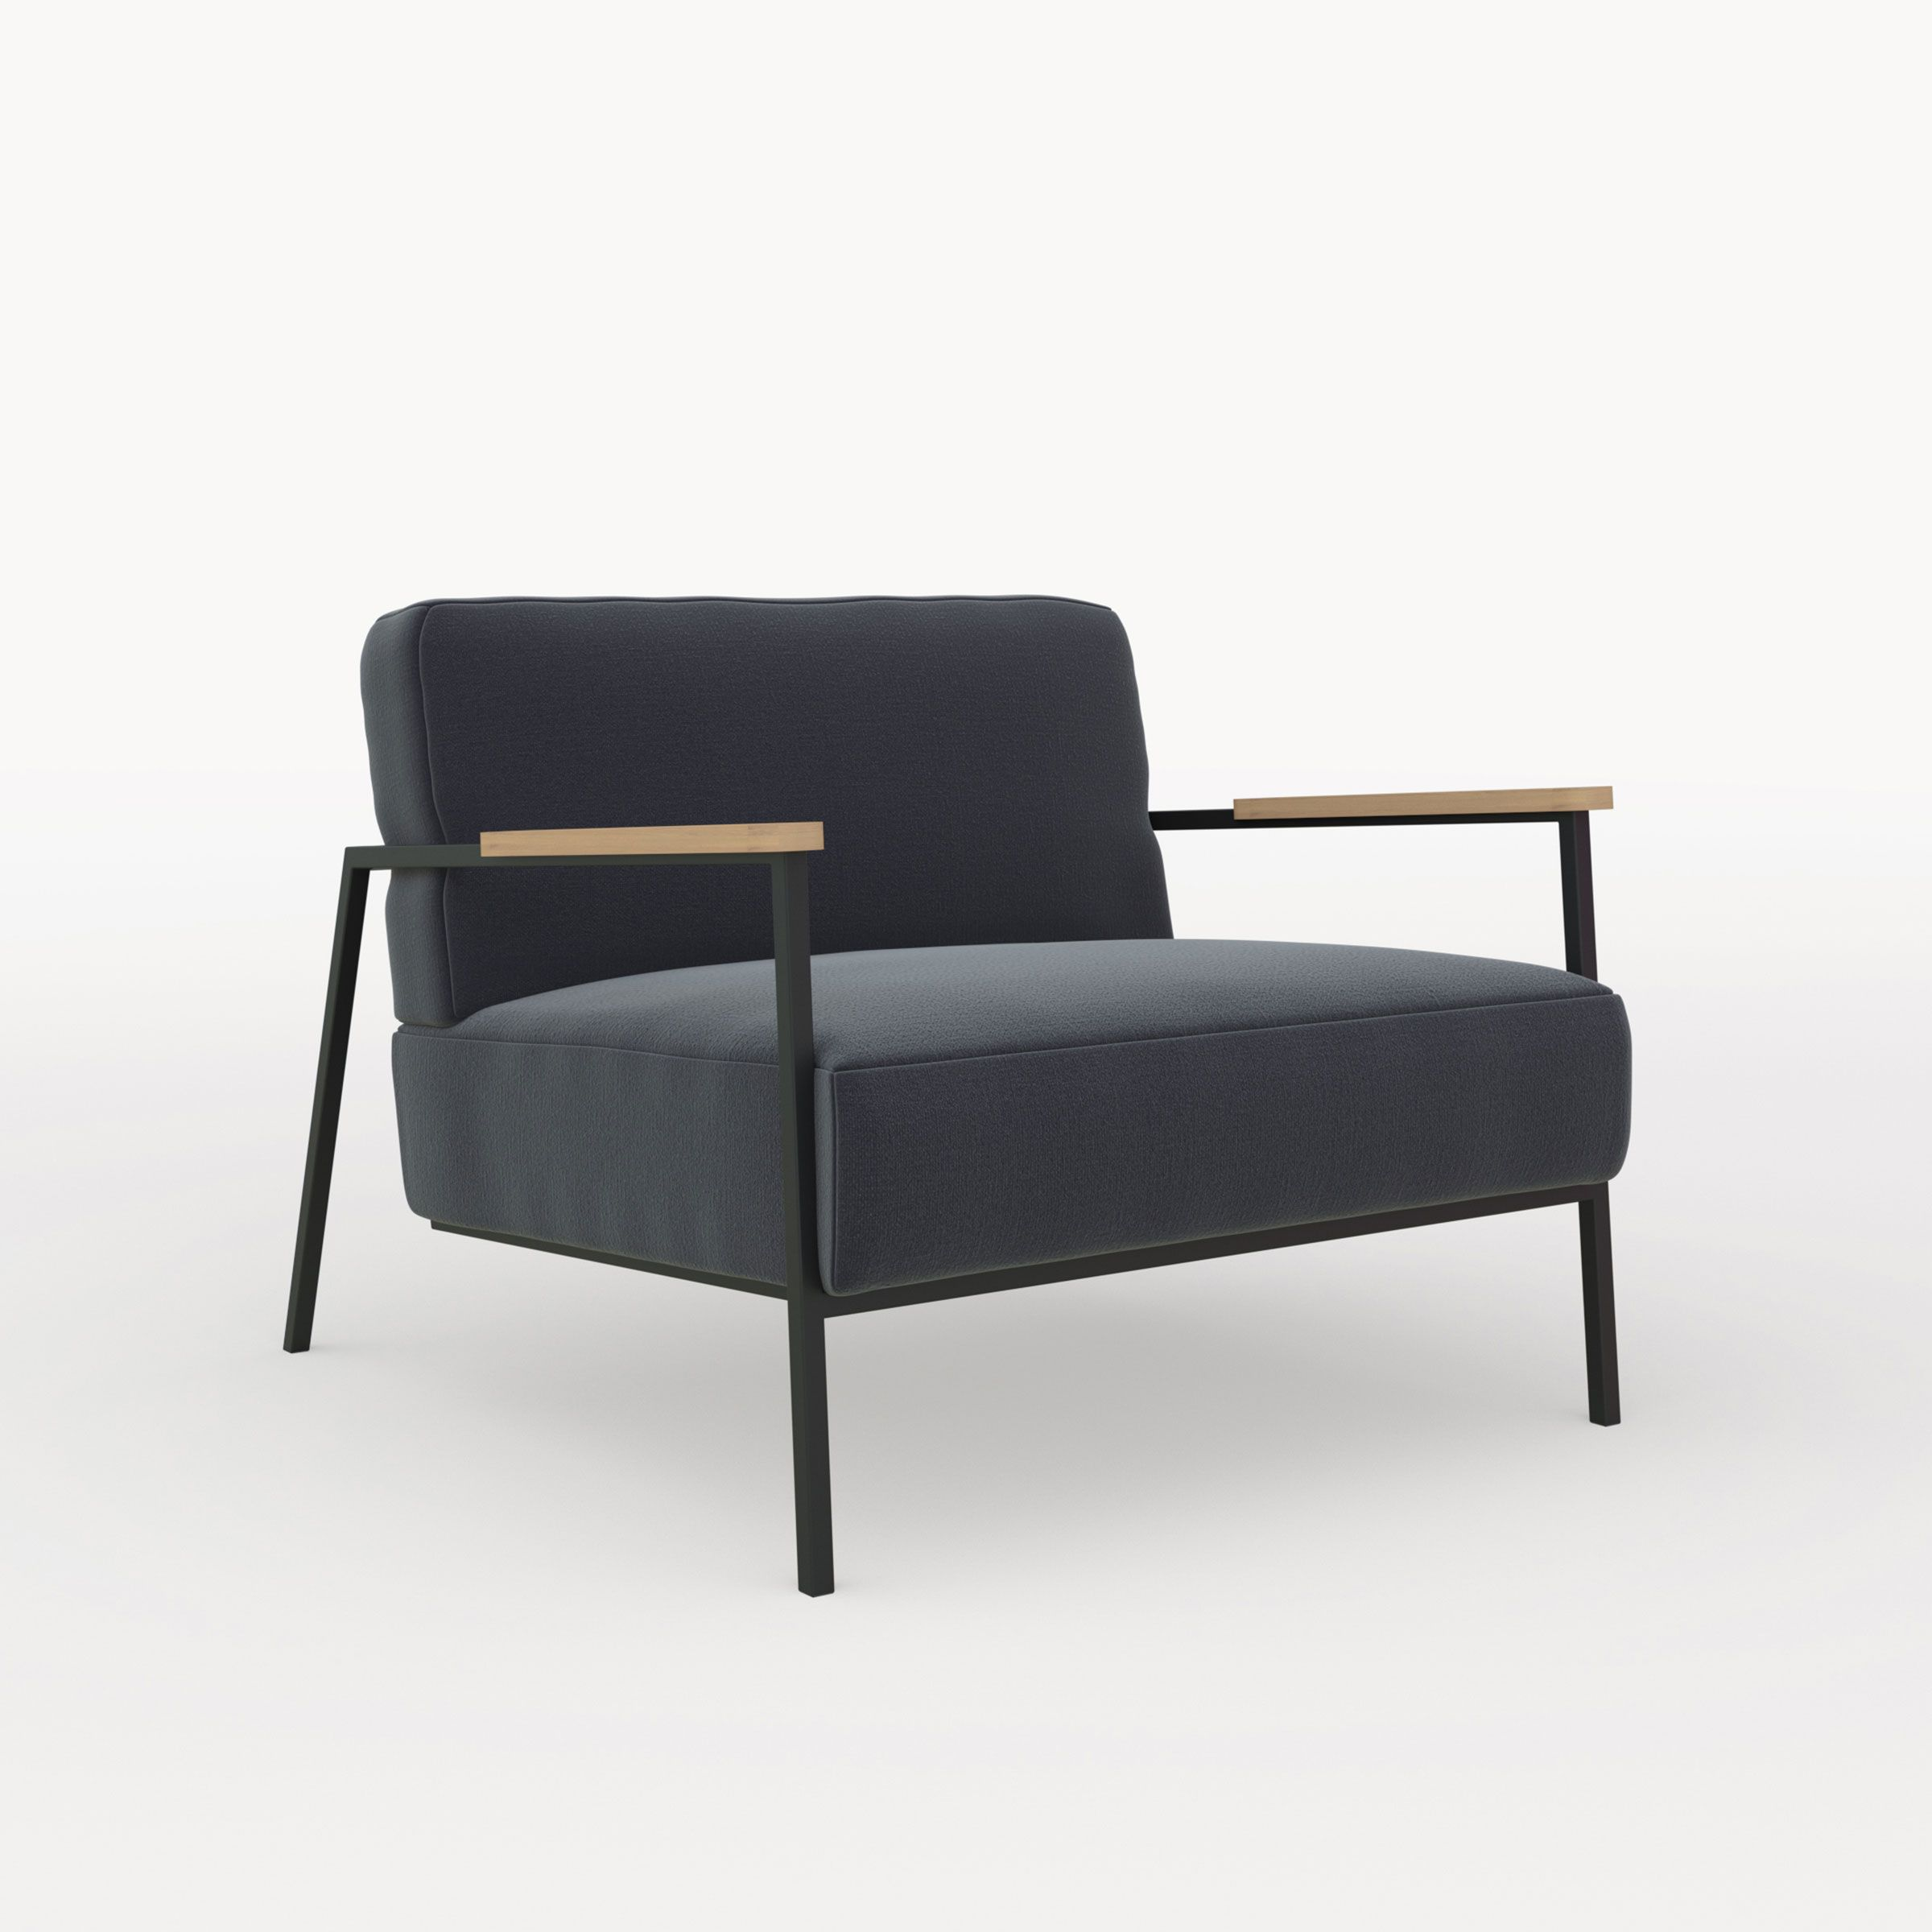 Design Fauteuil Co Lounge Stoel STUDIO HENK Kvadrat   Woonkamer ...